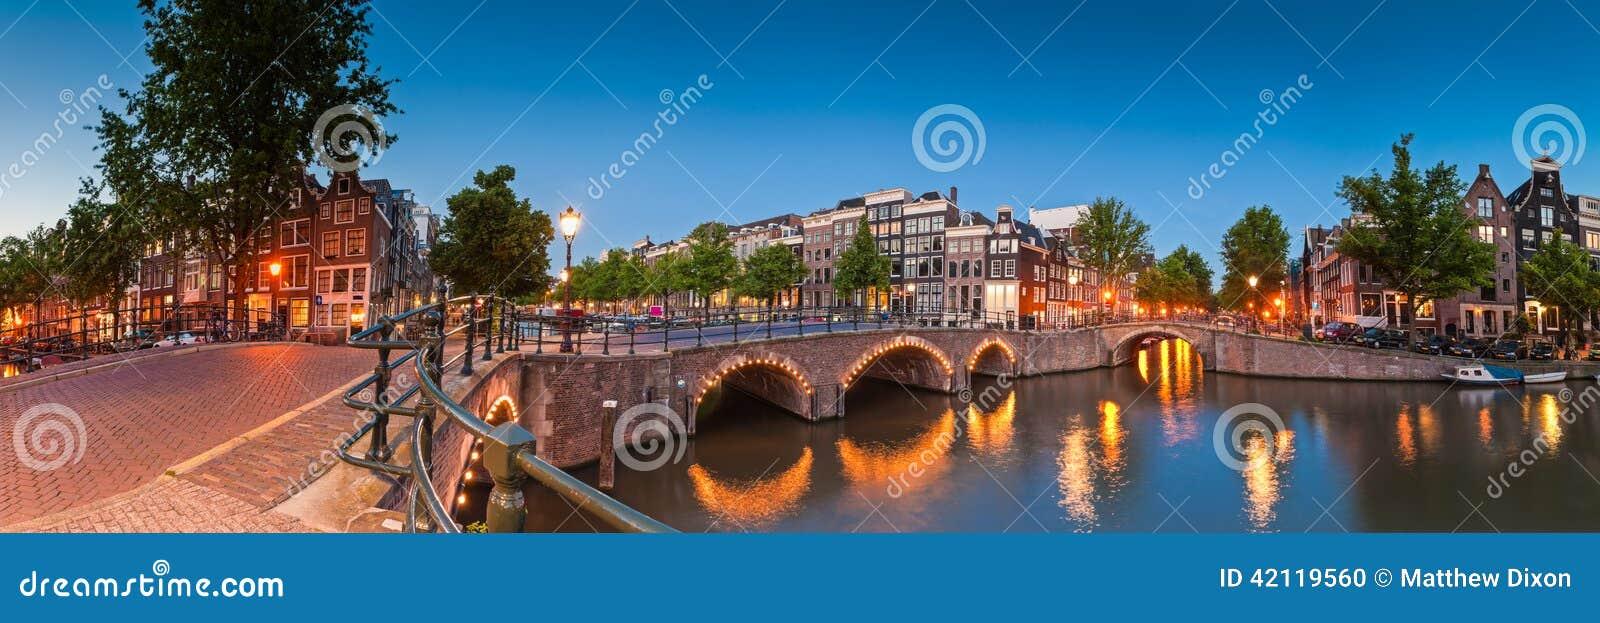 阿姆斯特丹,荷兰的反射